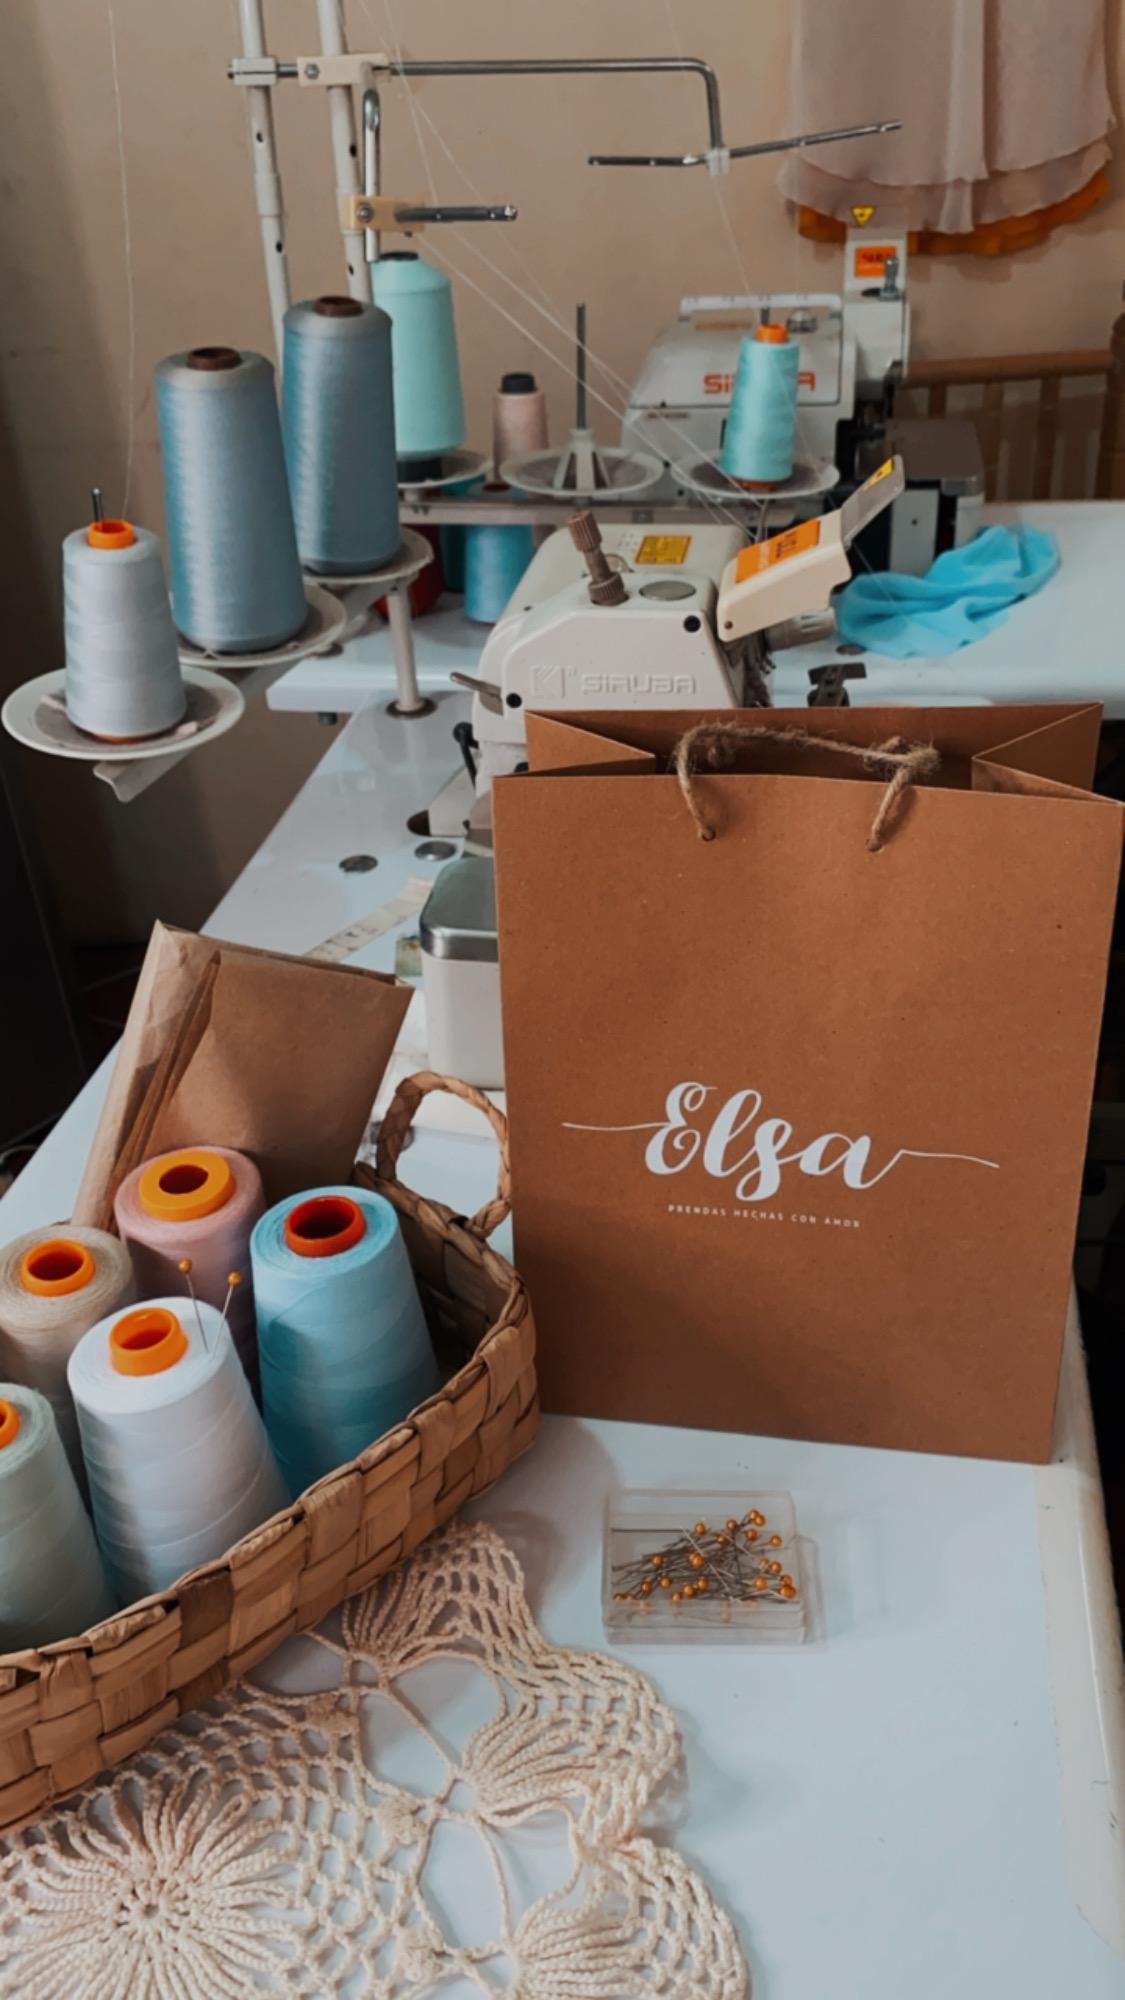 Elsa, una marca hecha con mucho amor